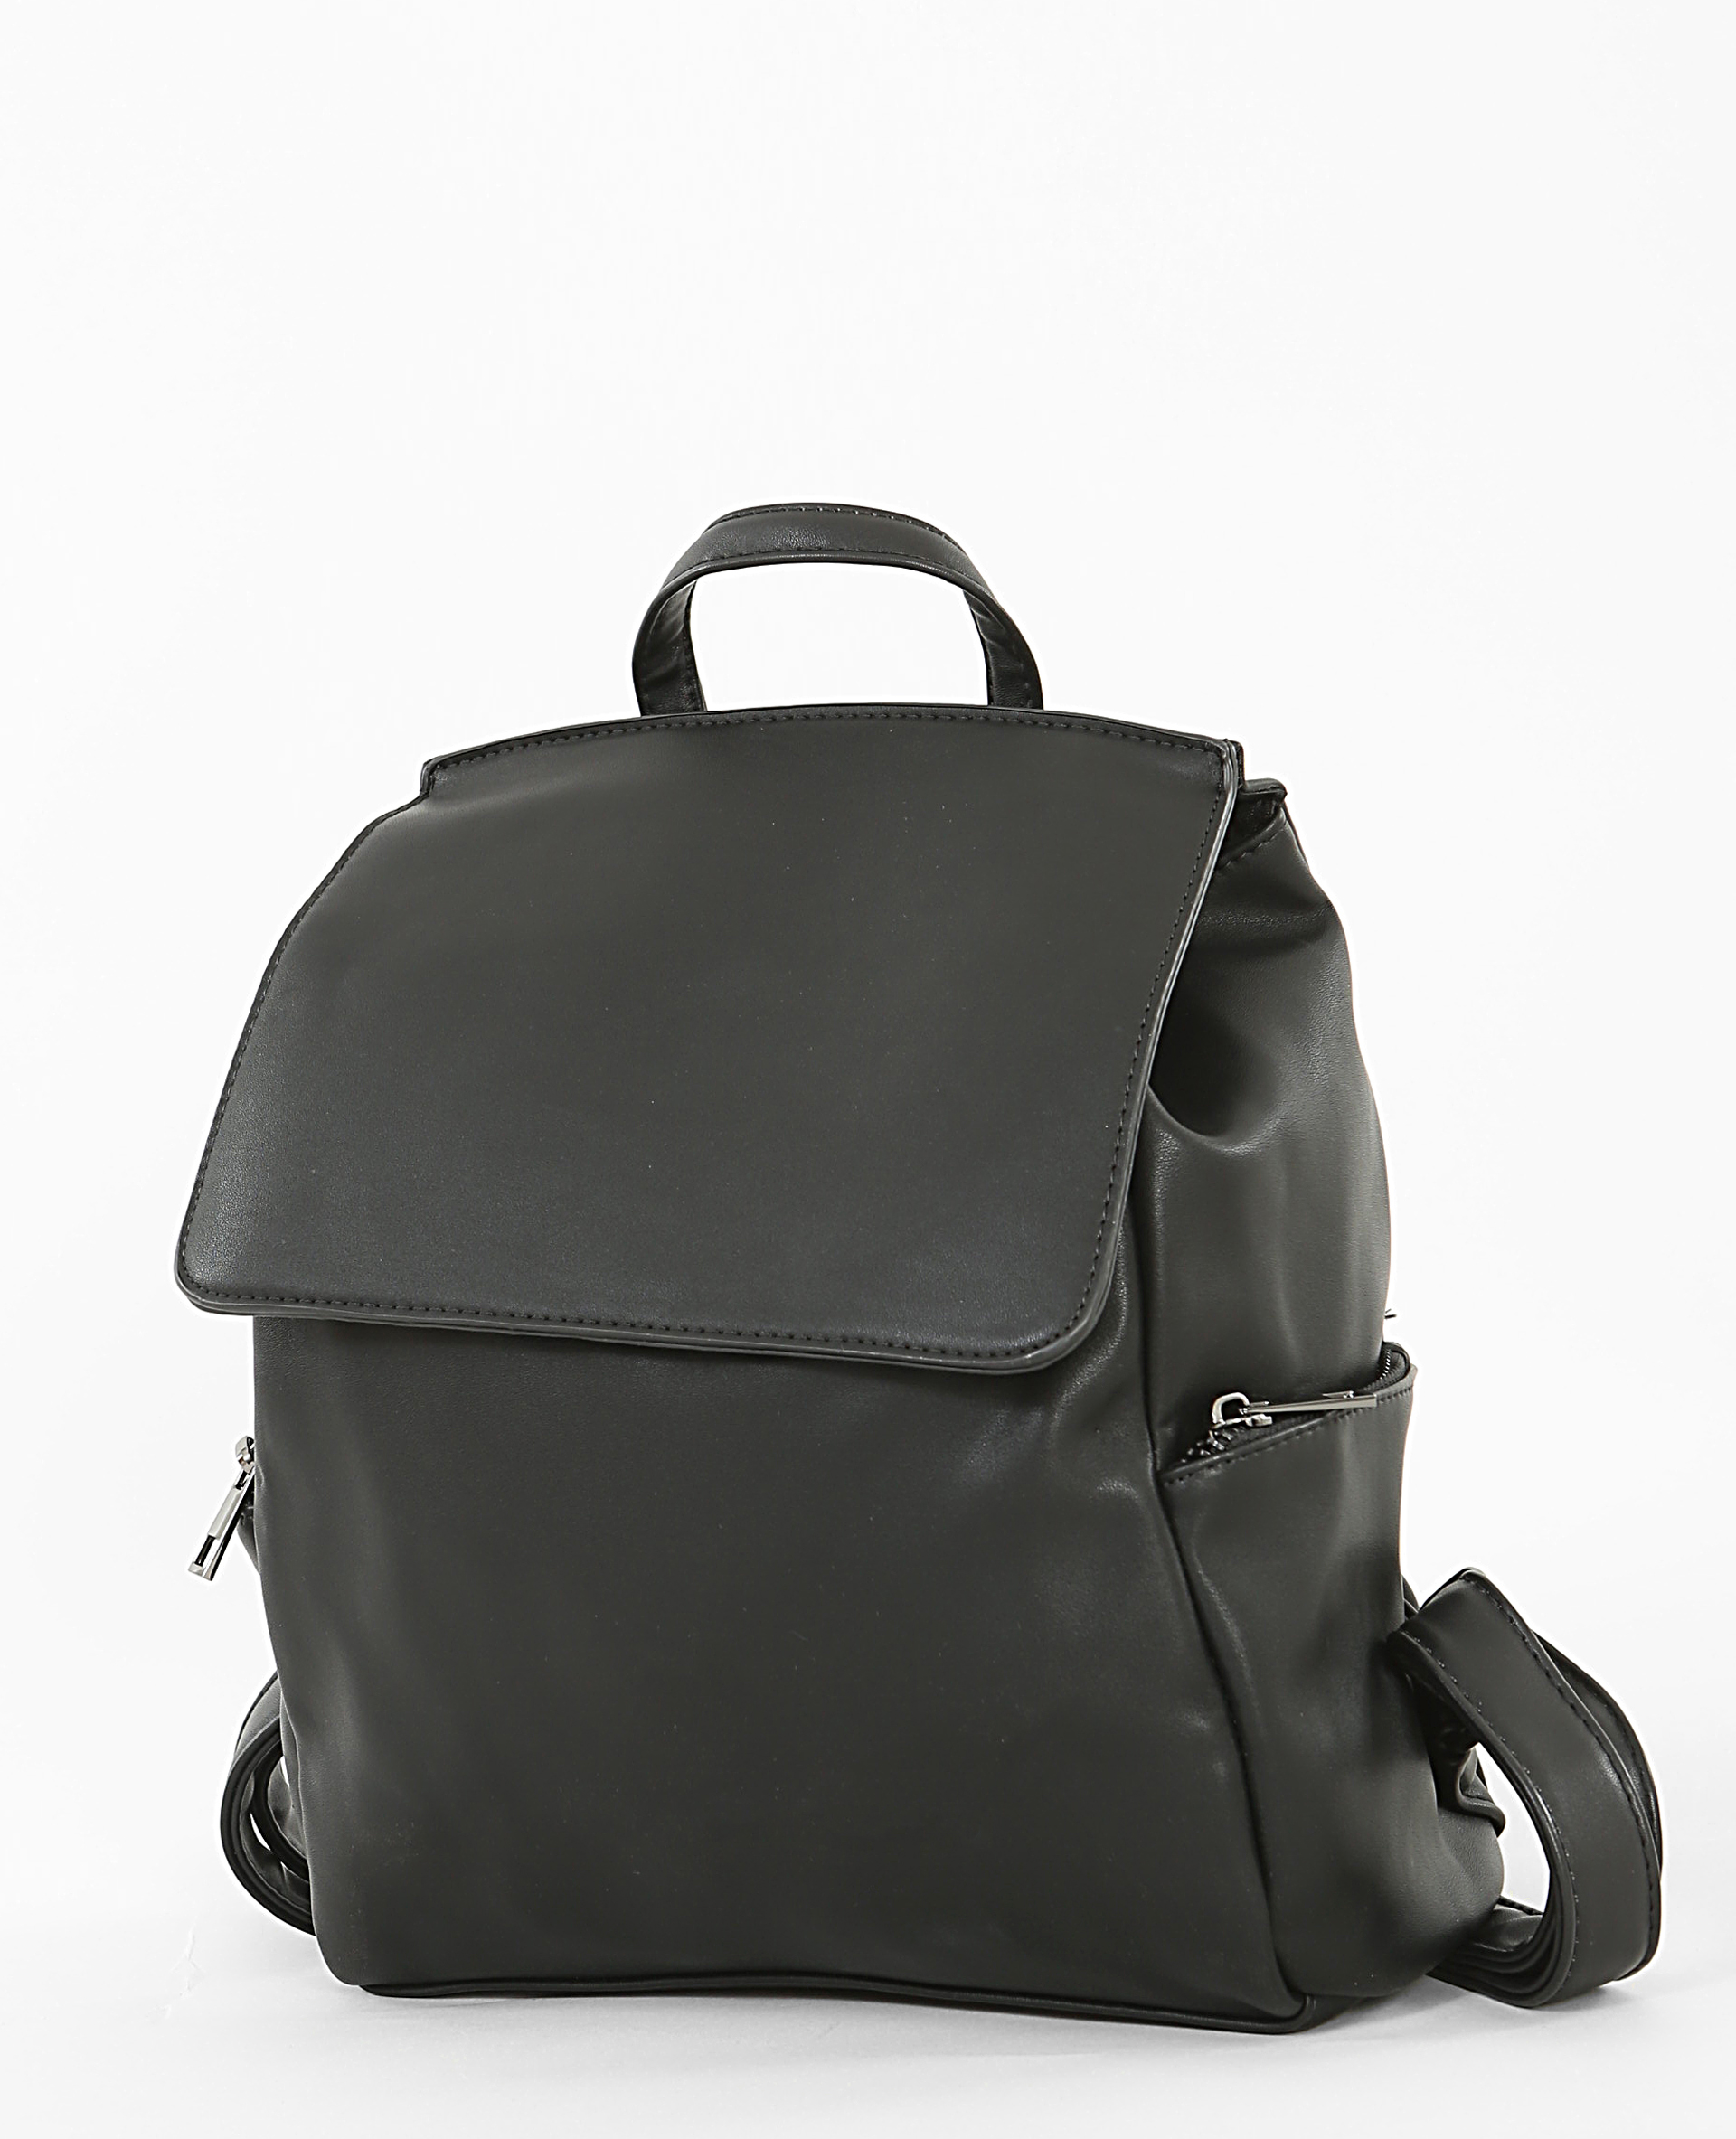 sac dos noir 981113899a08 pimkie. Black Bedroom Furniture Sets. Home Design Ideas